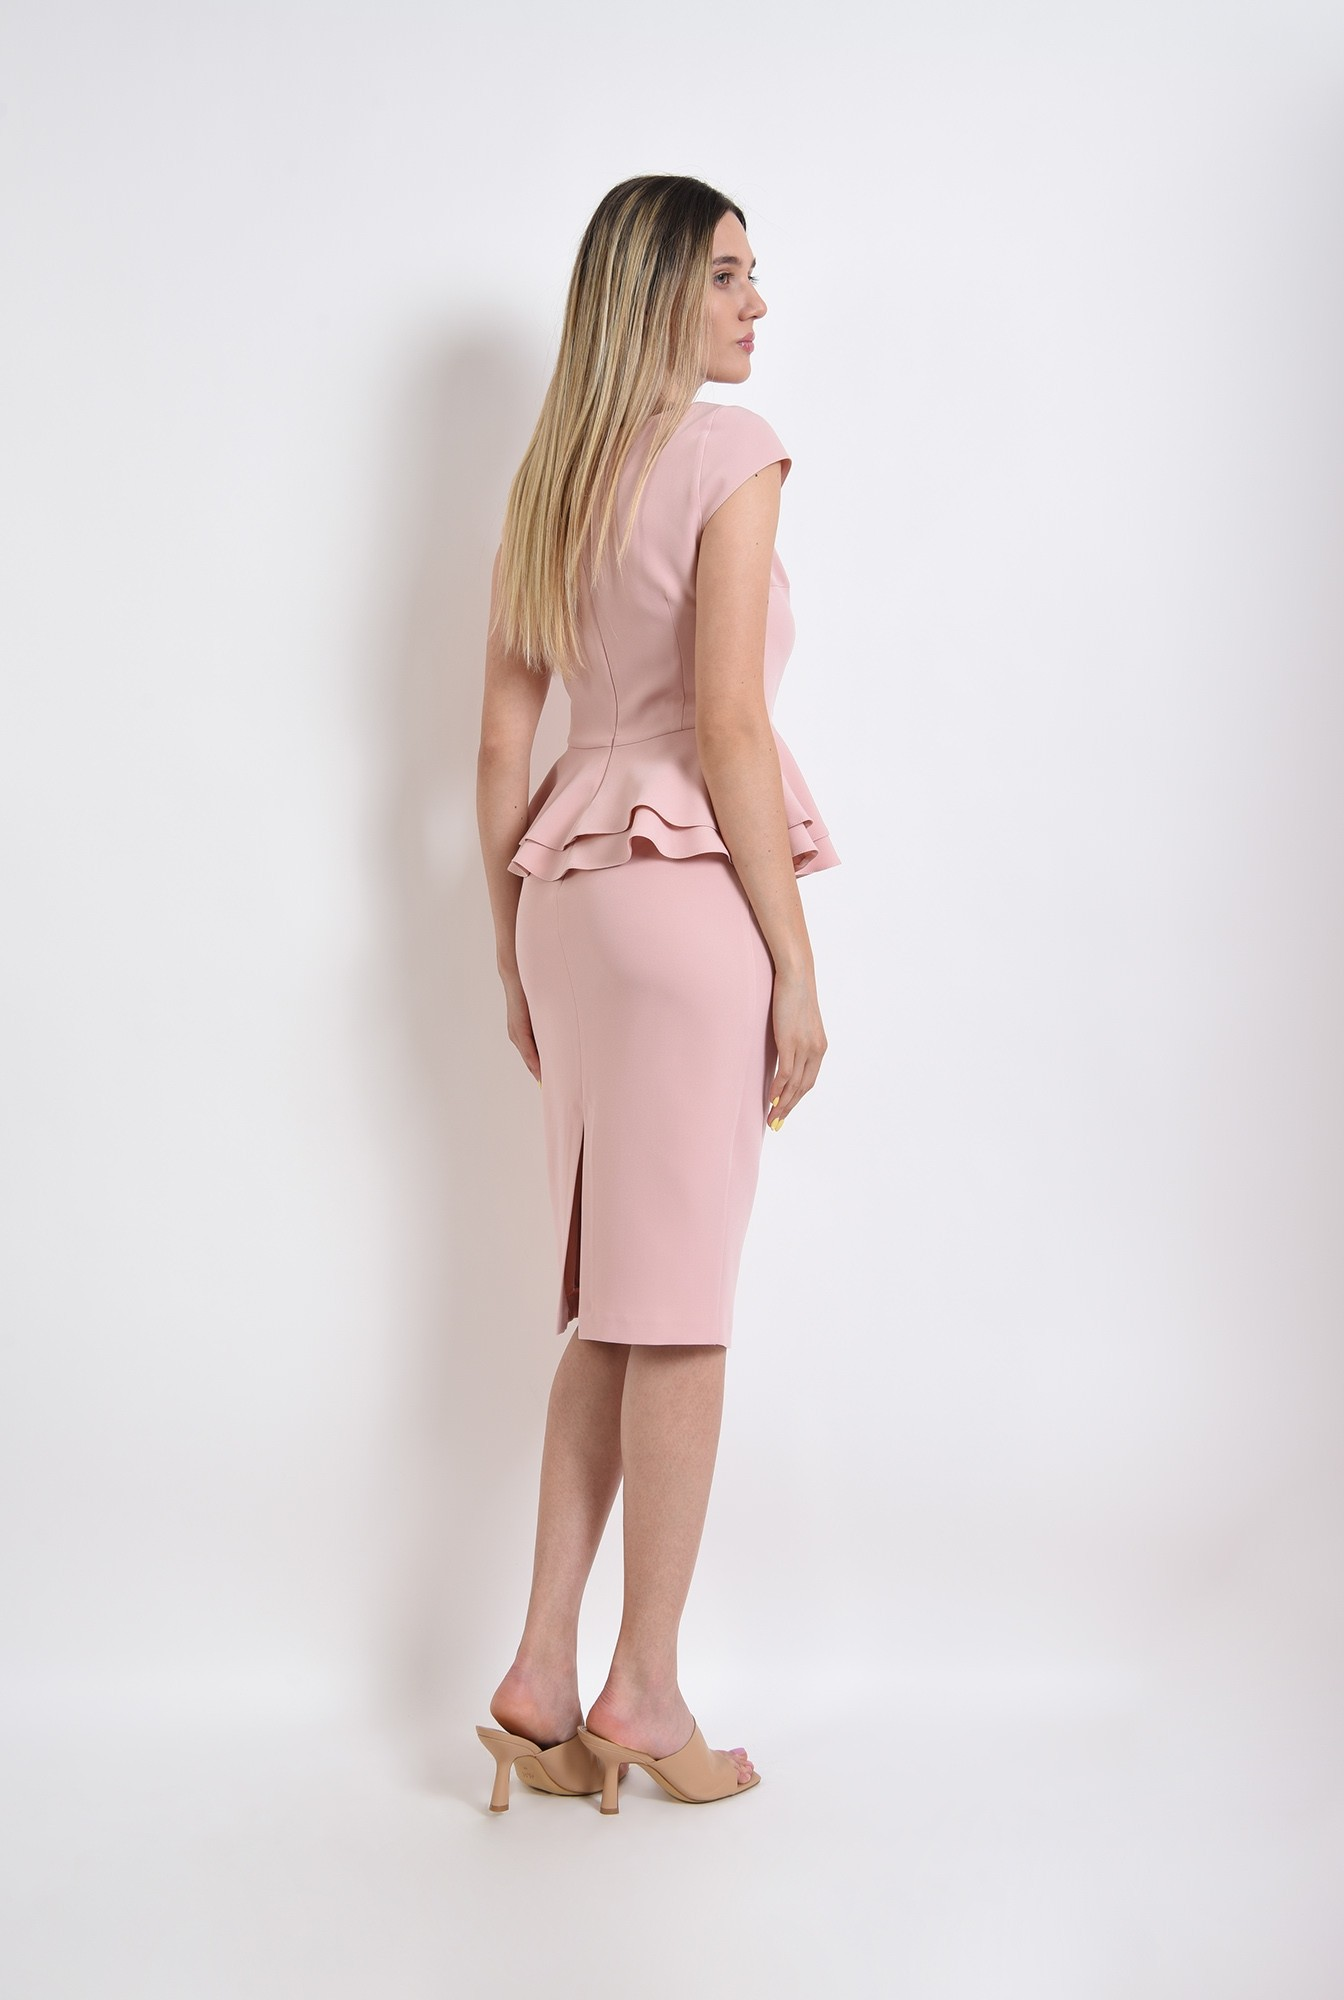 1 - compleu roz, fusta midi, top cu peplum, compleu elegant